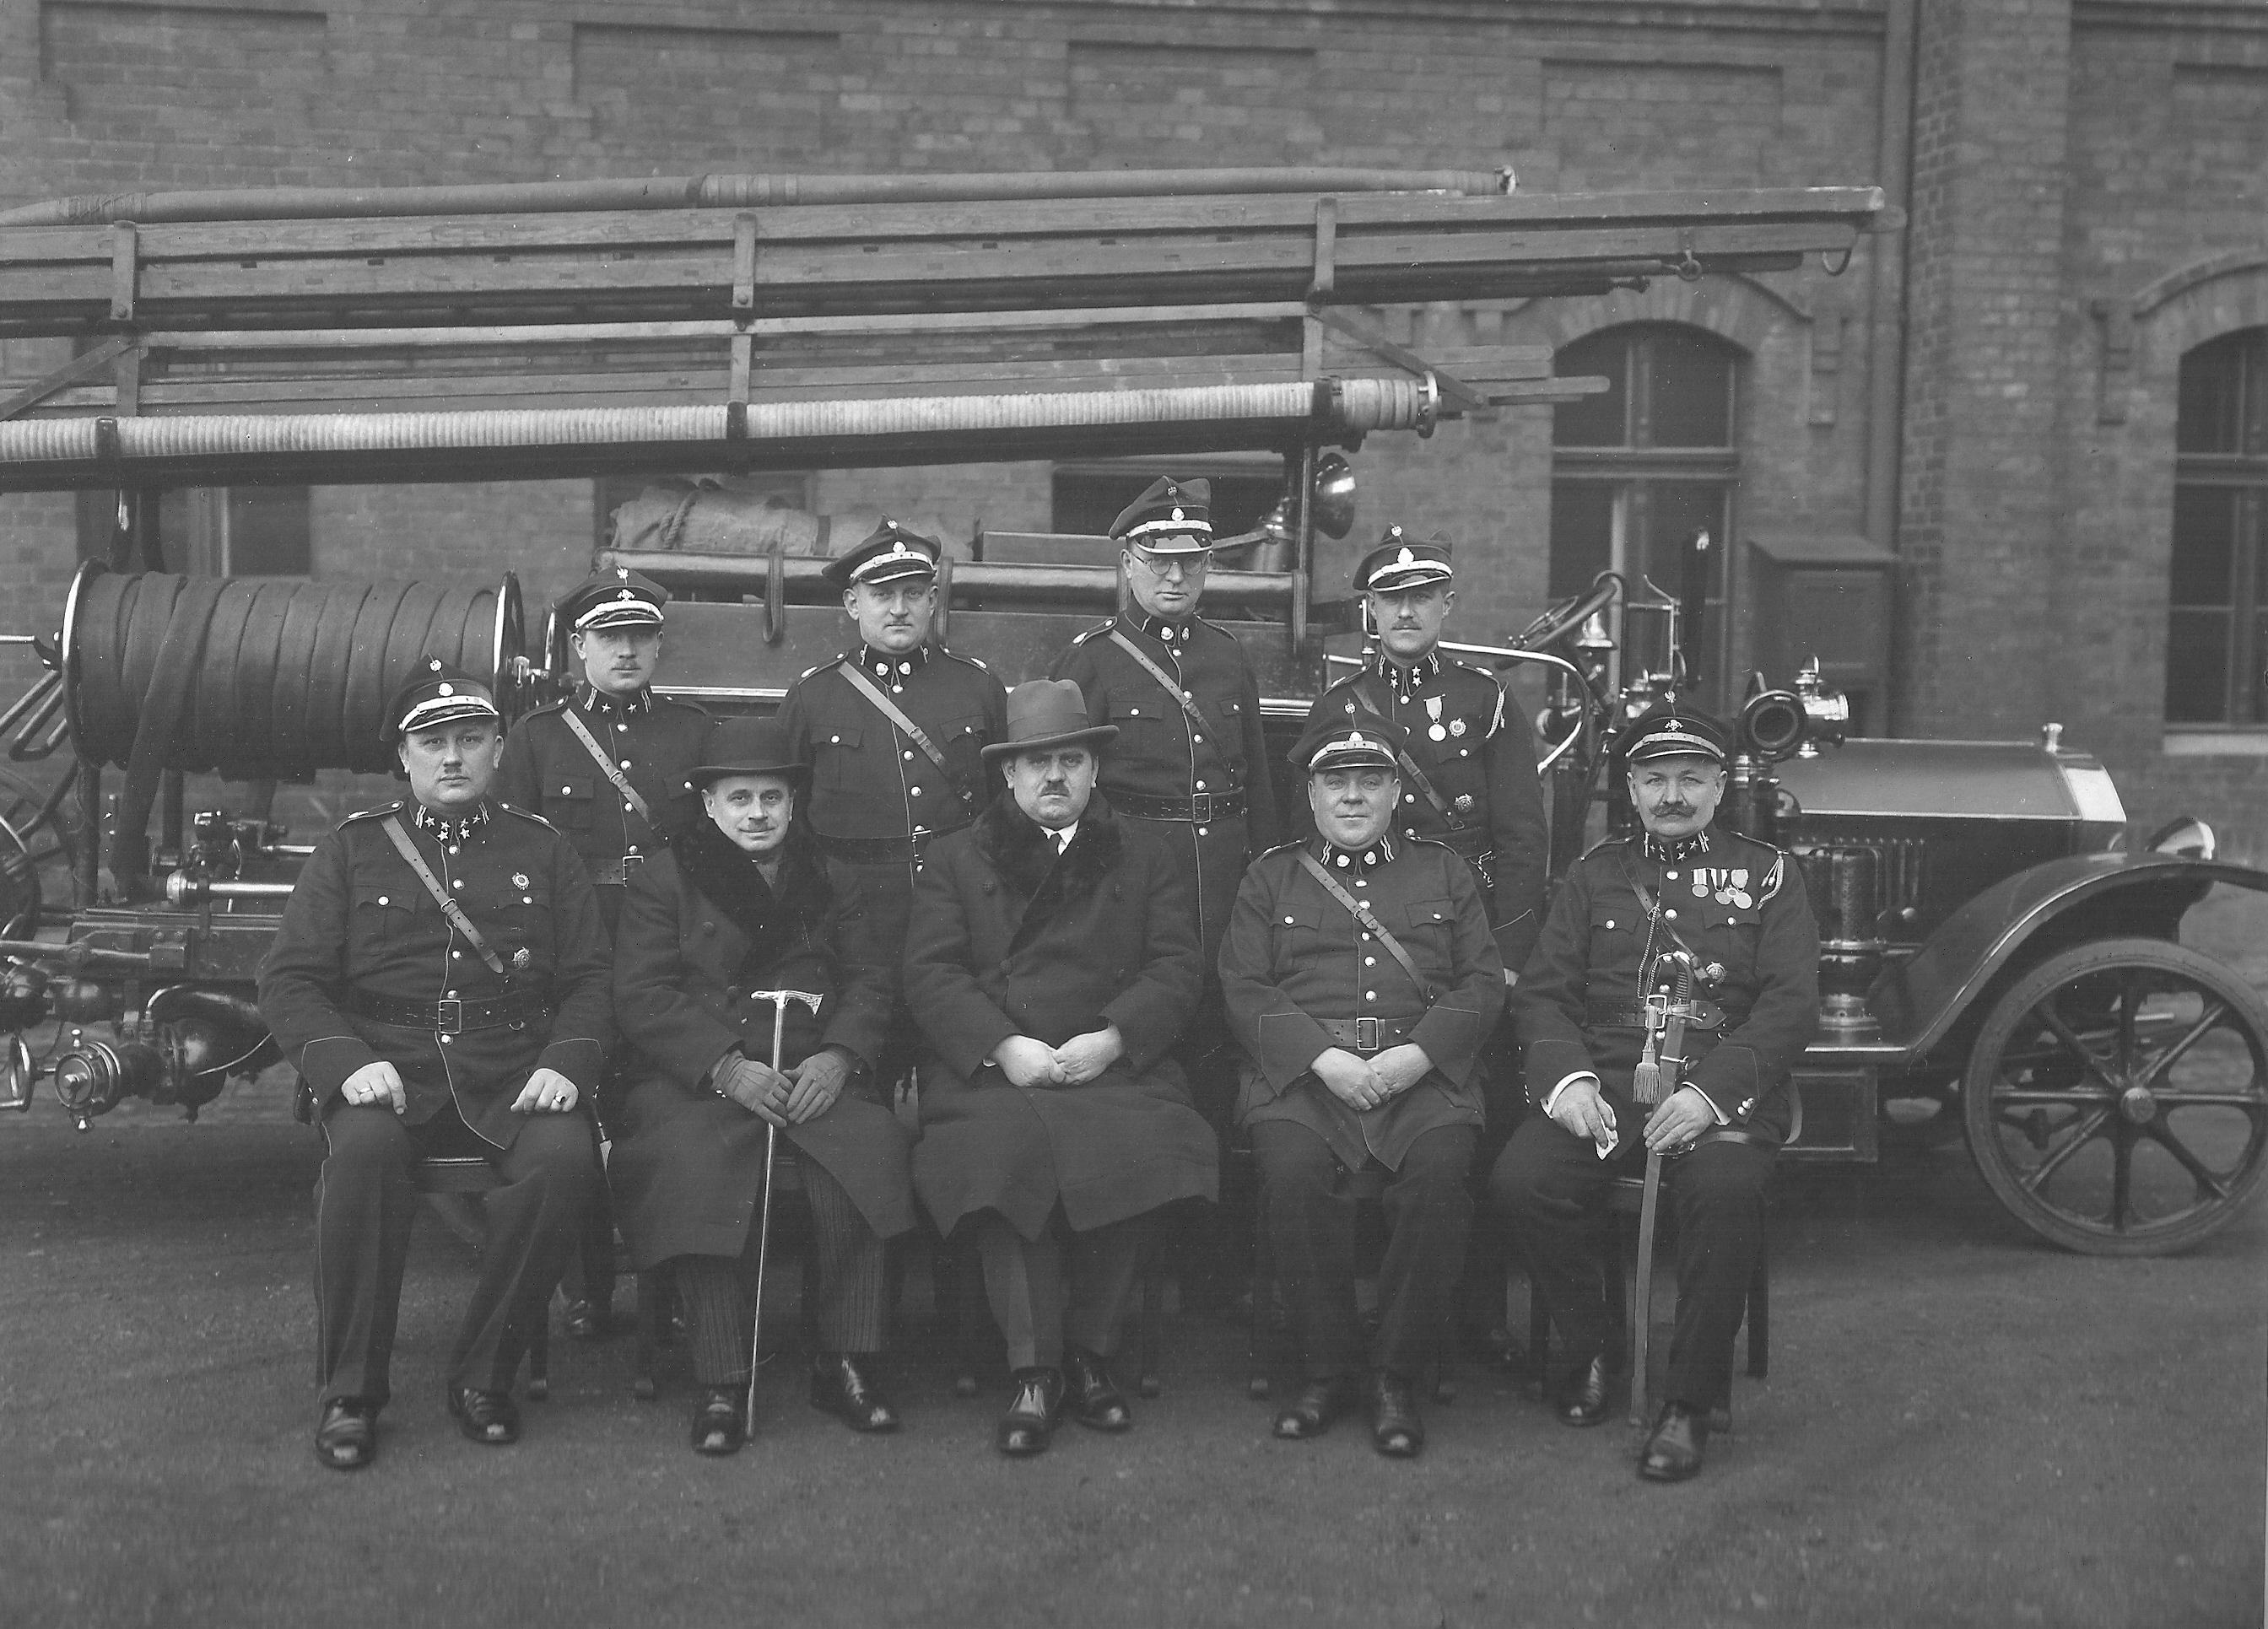 Zarząd Powiatowego Związki Straży Pożarnych na miasto Król-Hutę na 1929,1930 i 1931 rok - 8 grudnia 1931